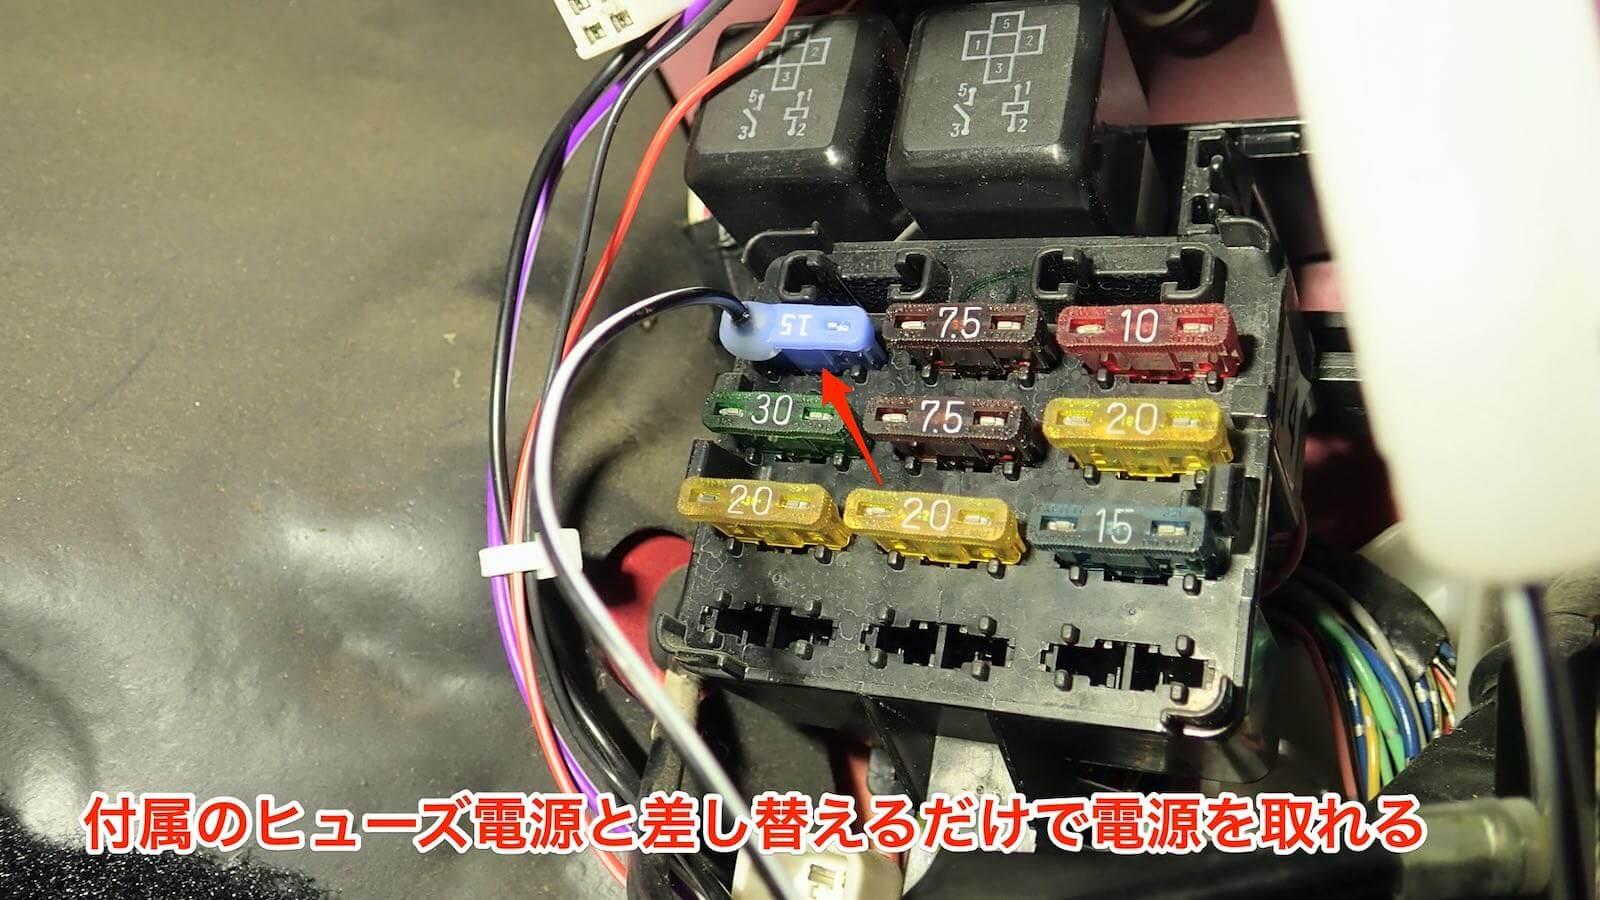 Amon Power Socket 1542 Power Extract